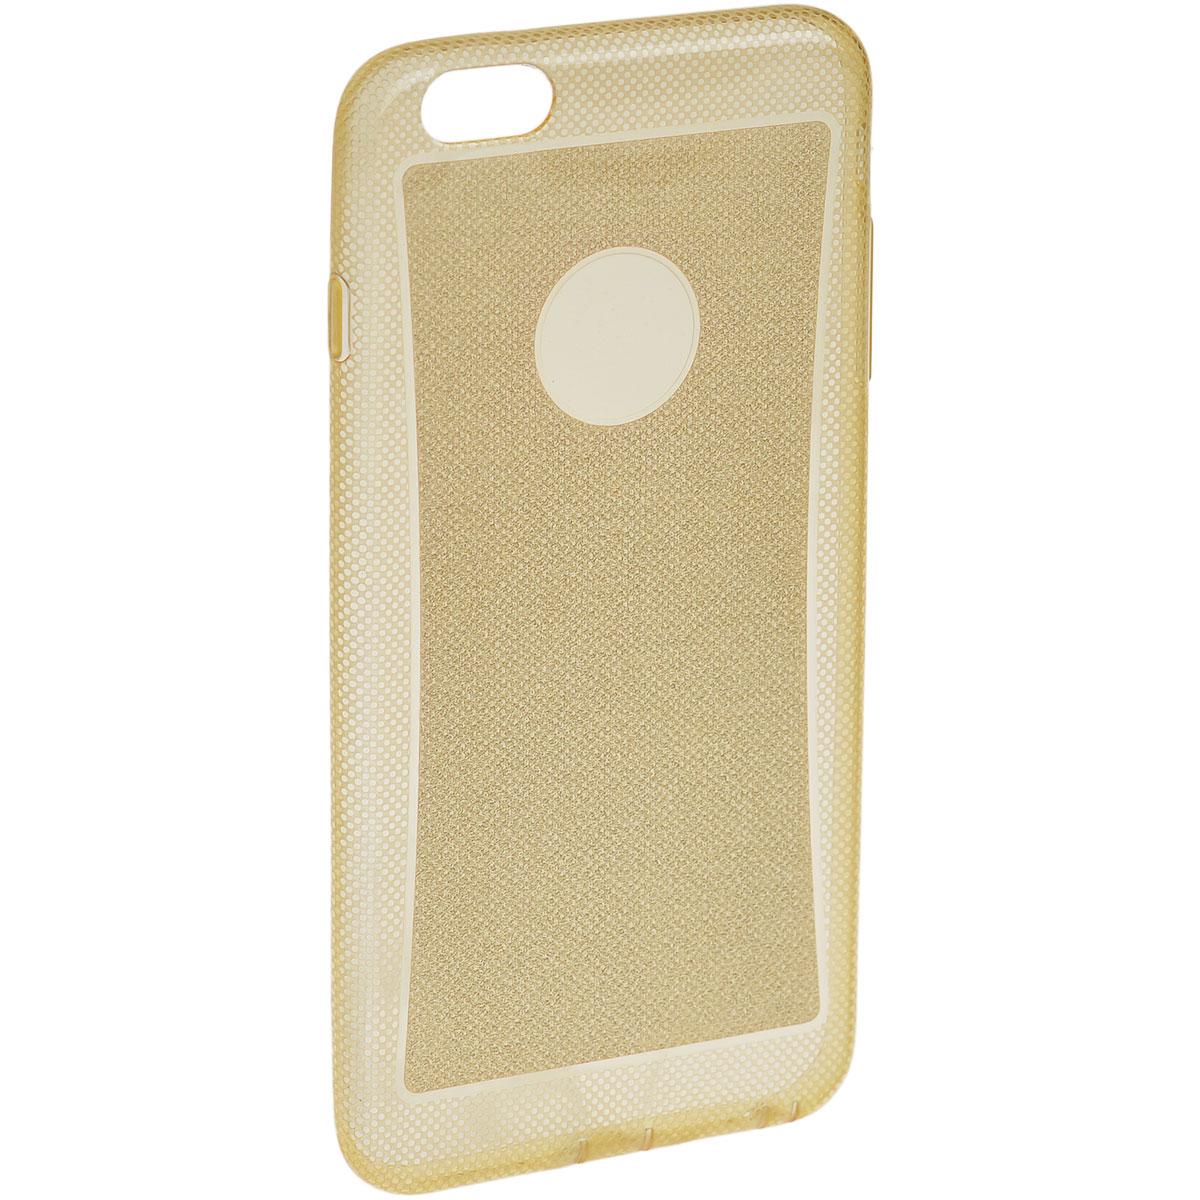 Liberty Project TPU чехол для iPhone 6, GoldR0007302Чехол Liberty Project для iPhone 6 защитит ваш гаджет от механических повреждений и влаги. Чехол имеет свободный доступ ко всем разъемам и клавишам устройства.